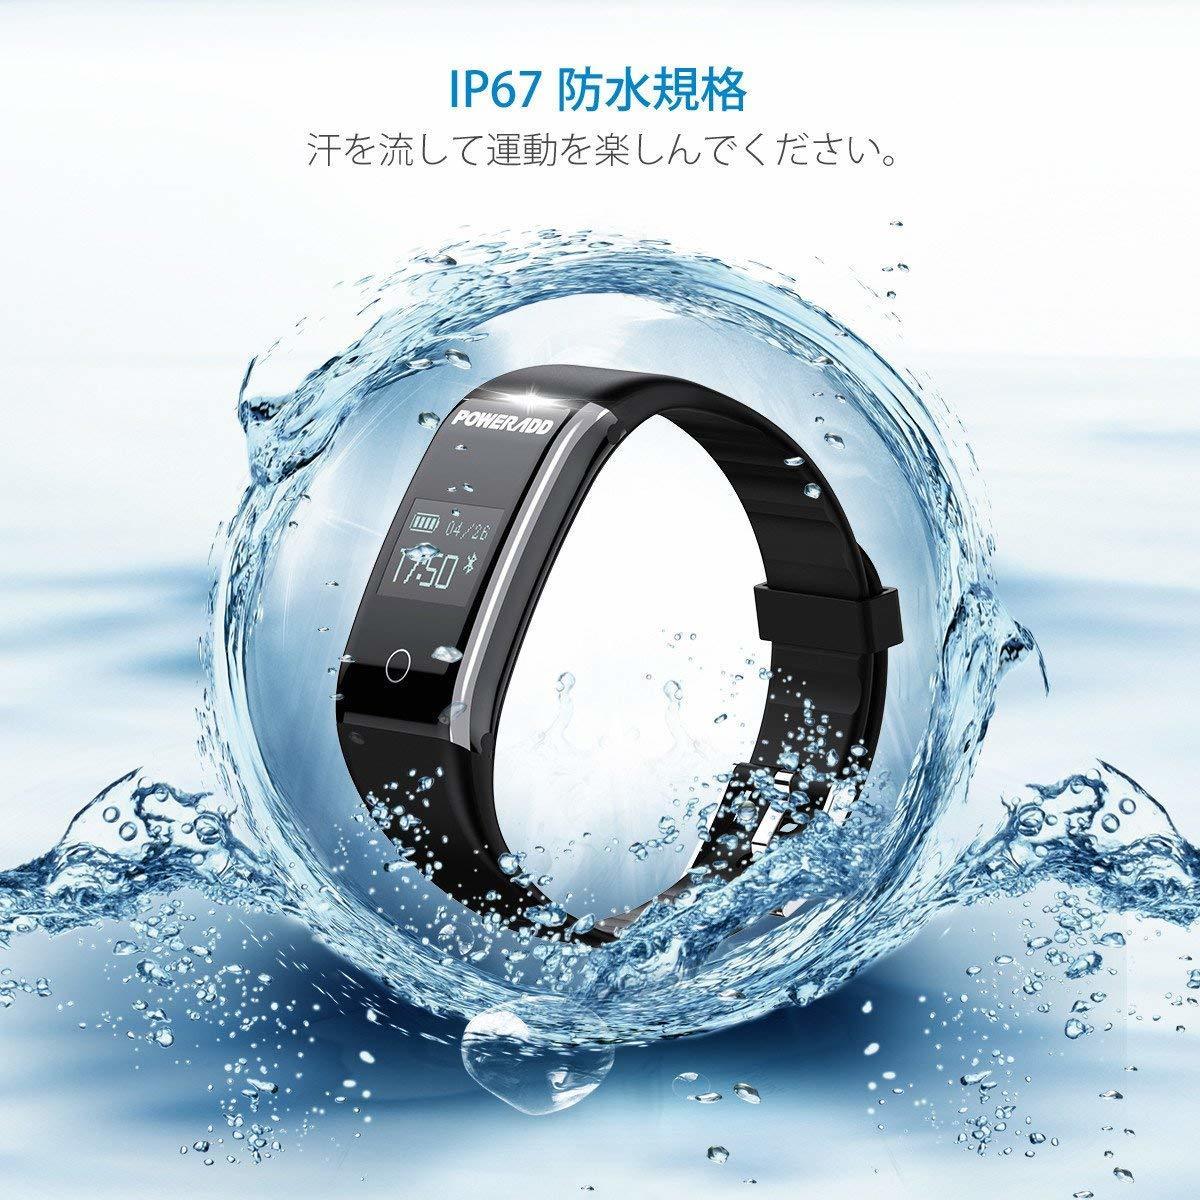 新品 Poweradd スマートウォッチ ユニセックス スマートブレスレット スポーツウォッチ 血圧測定 心拍計 歩数計 活動量計 着信通知 防水